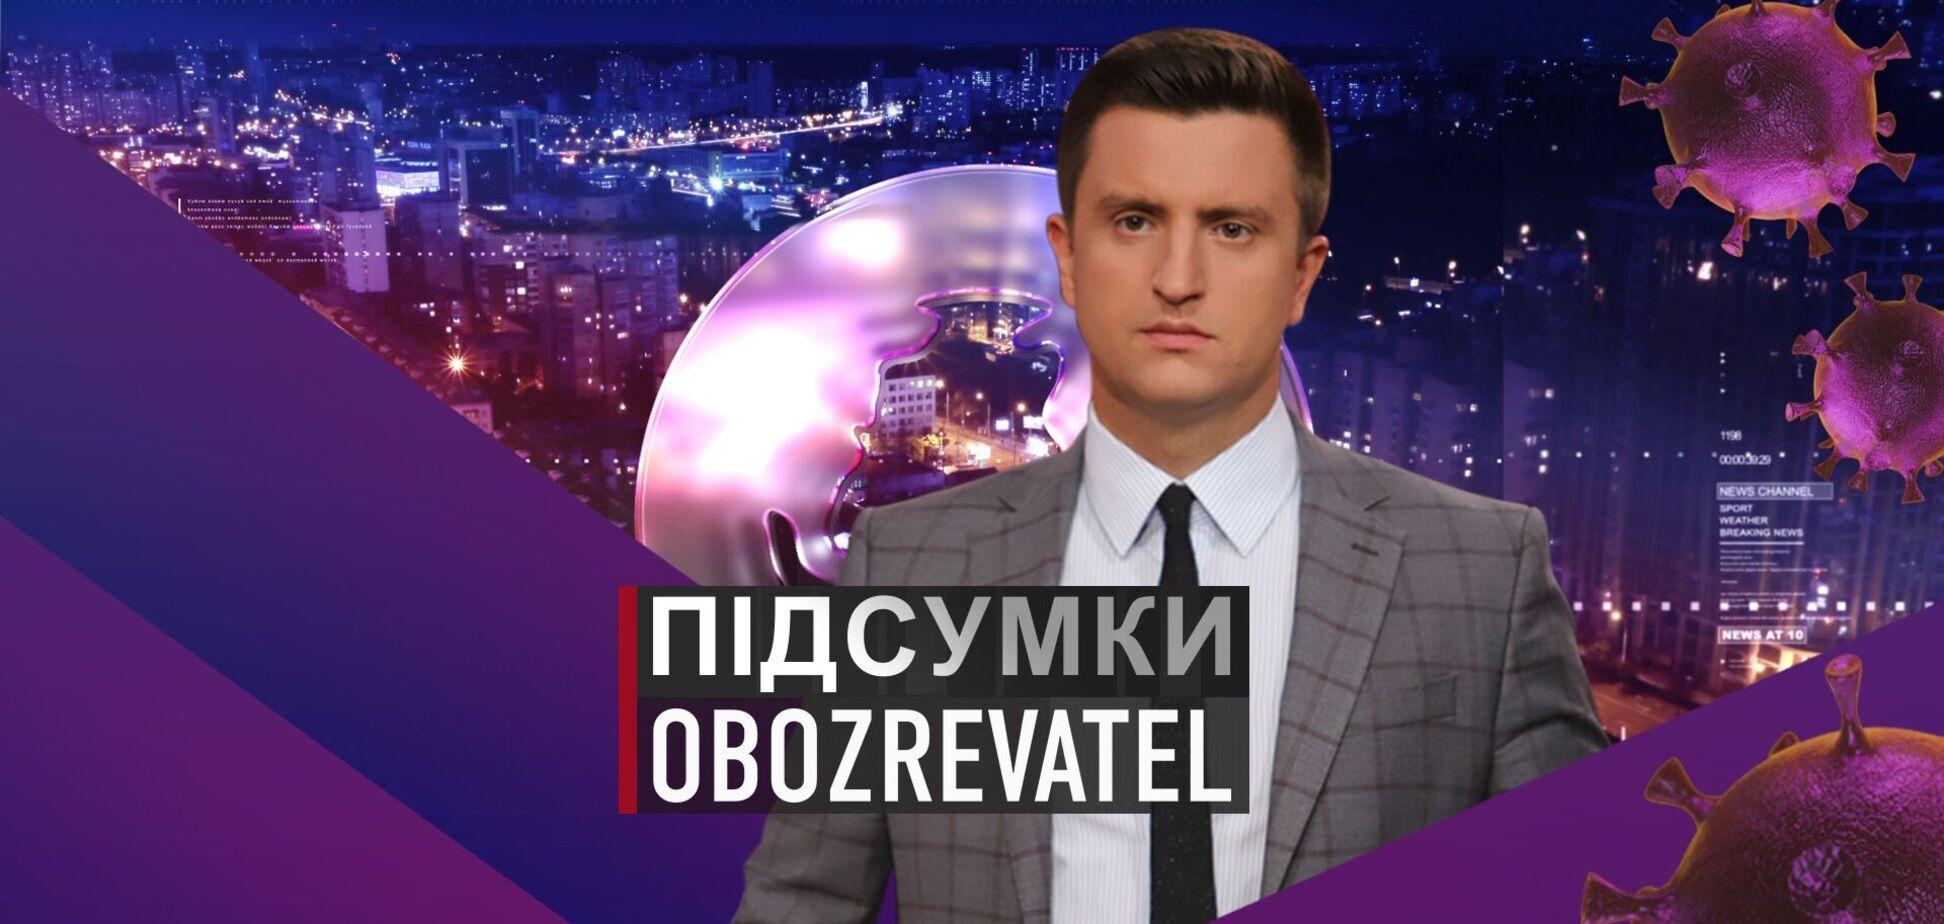 Підсумки з Вадимом Колодійчуком. П'ятниця, 23 липня